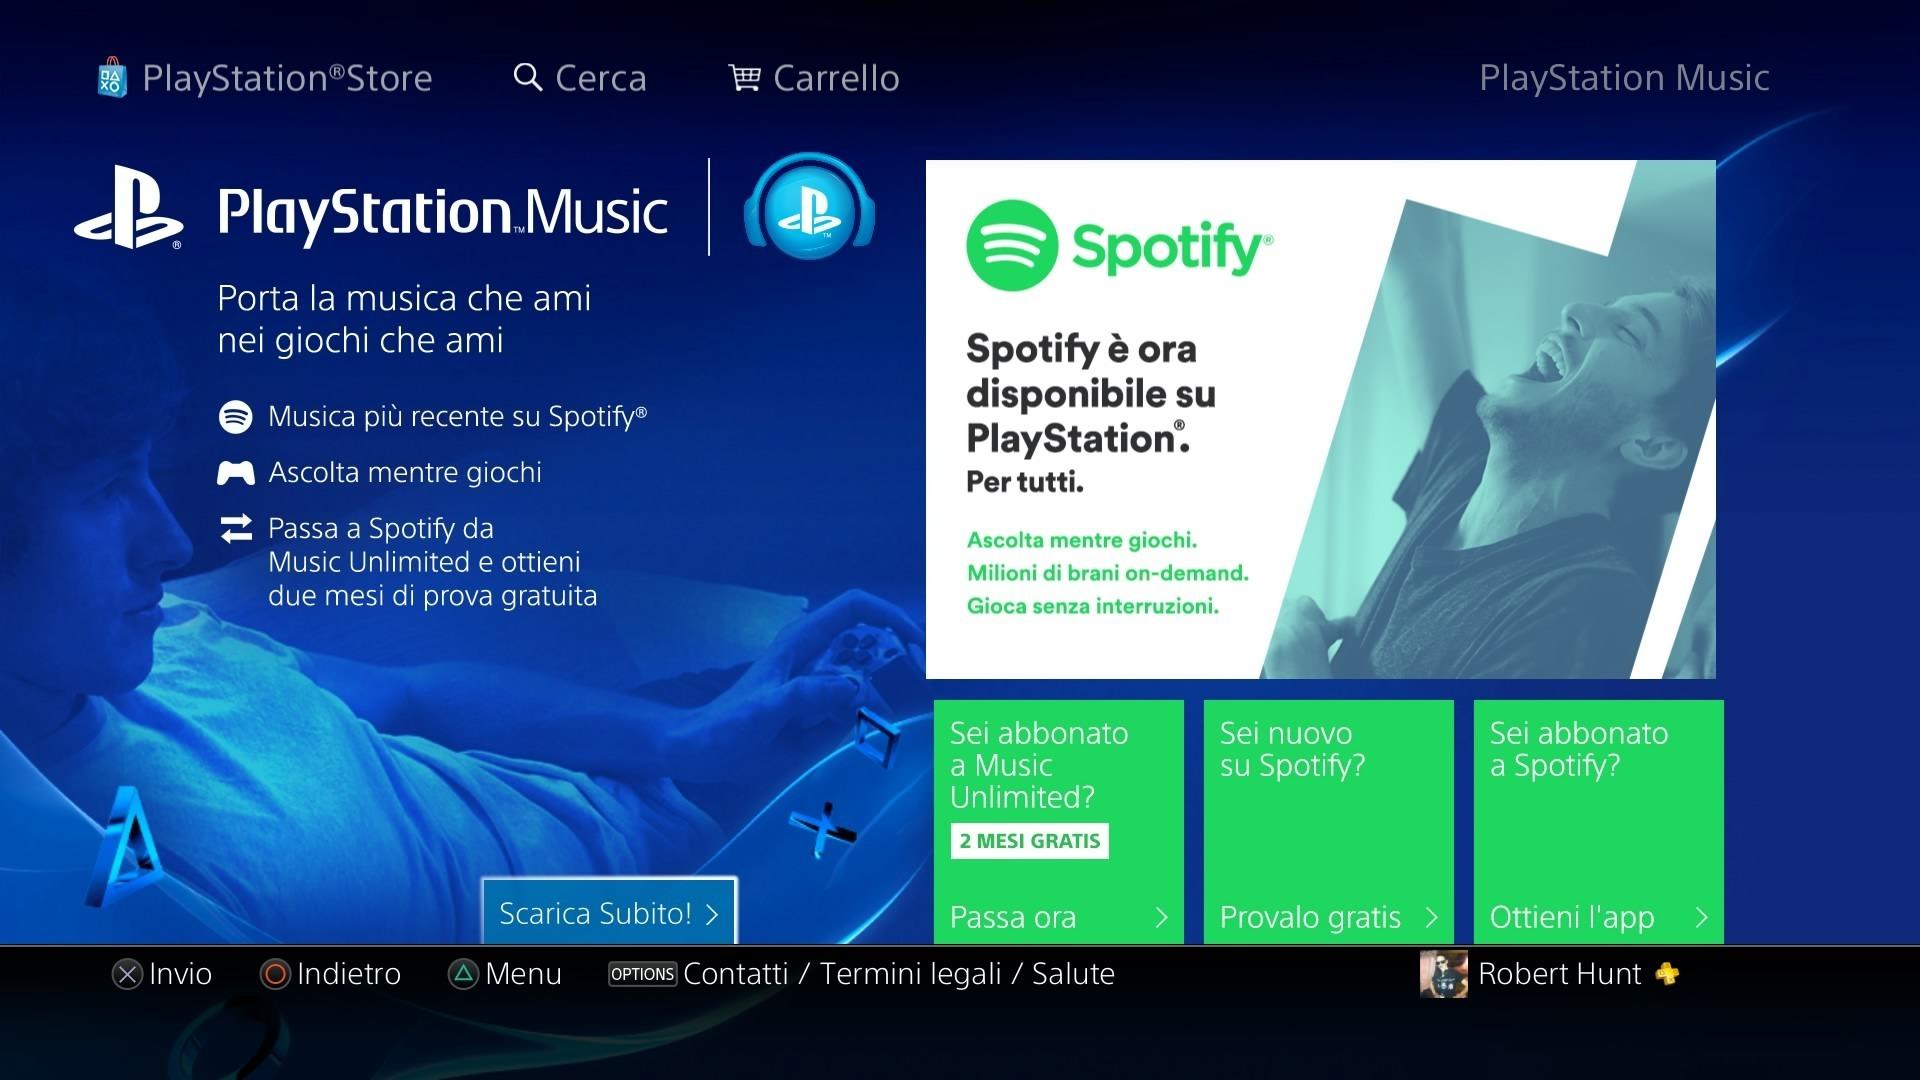 Come usare Spotify su PS4 e PS3 | Game Division